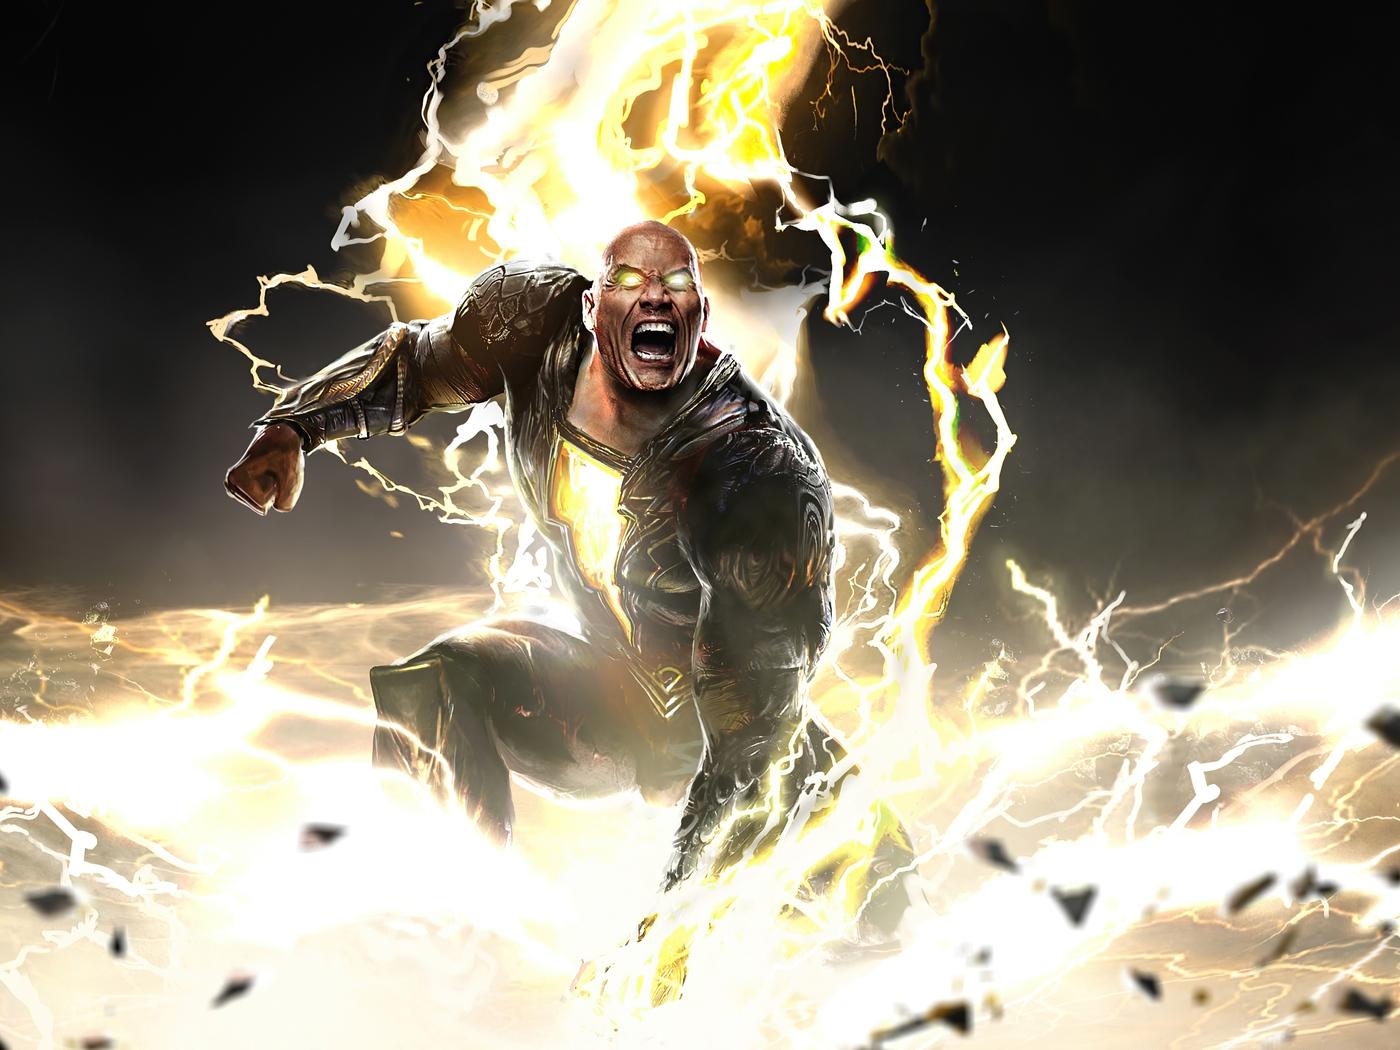 black-adam-2021-movie-4k-yj.jpg